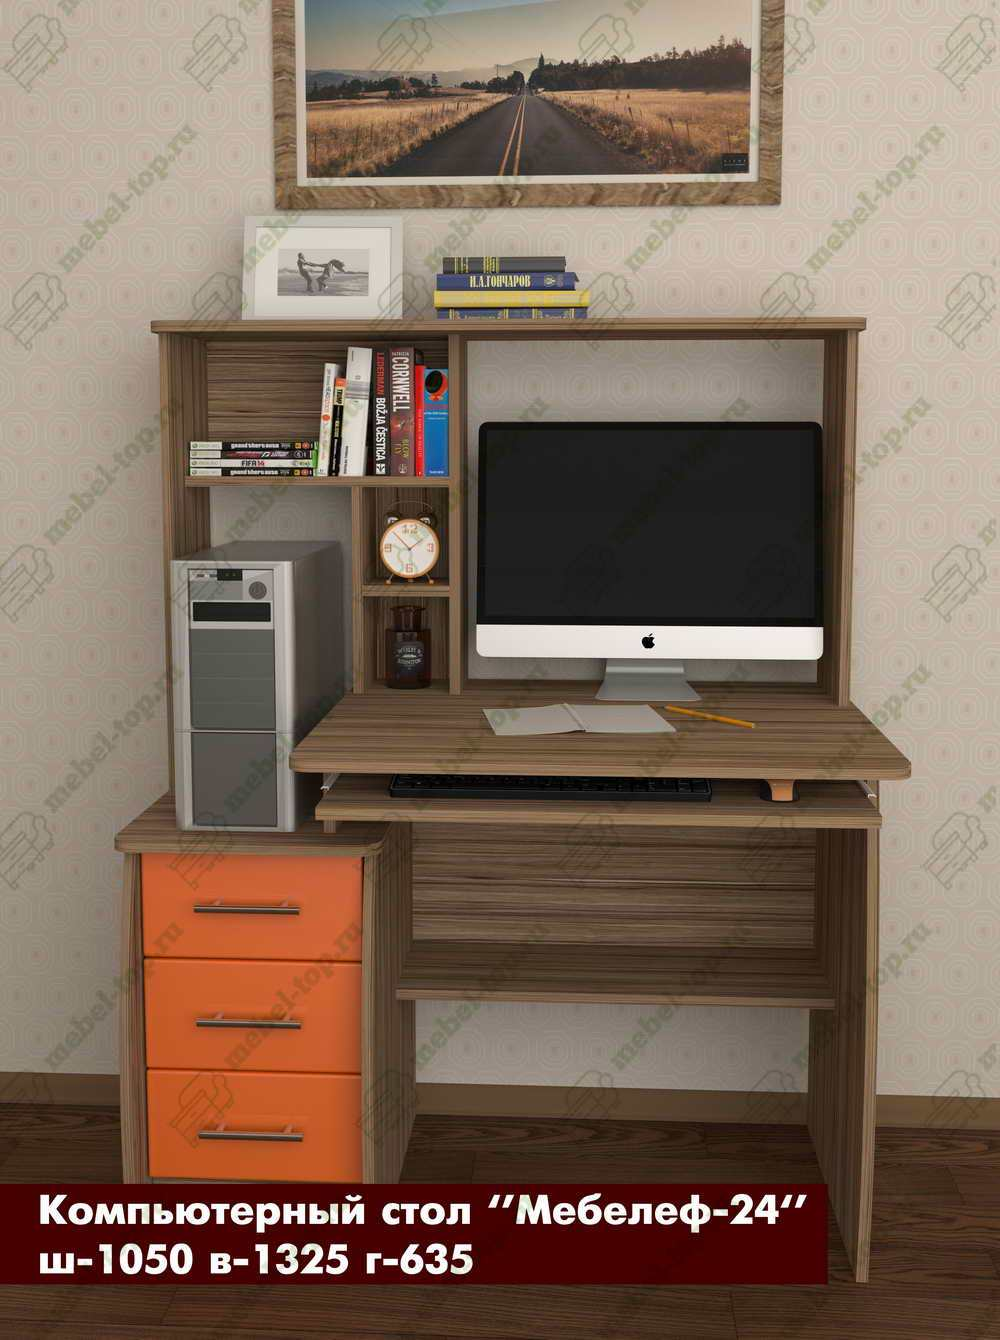 Компьютерный стол Мебелеф-24 компьютерный стол мебелеф 12